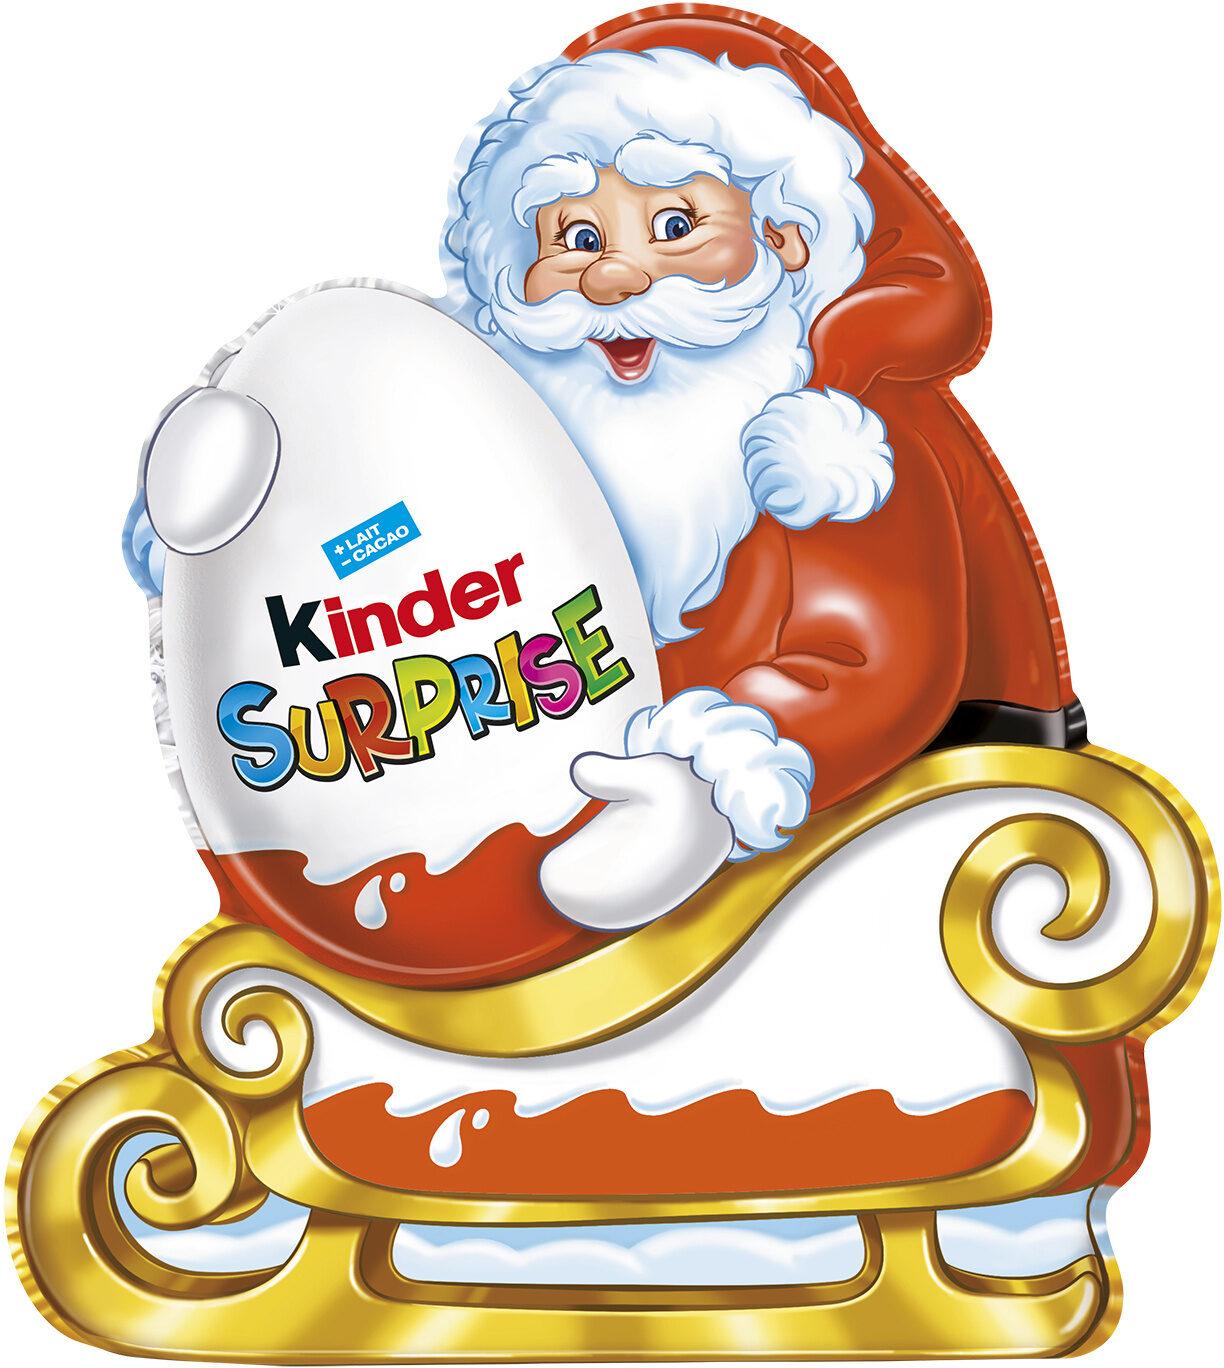 Kinder Noel Kinder Surprise (Père Noël)   75 g